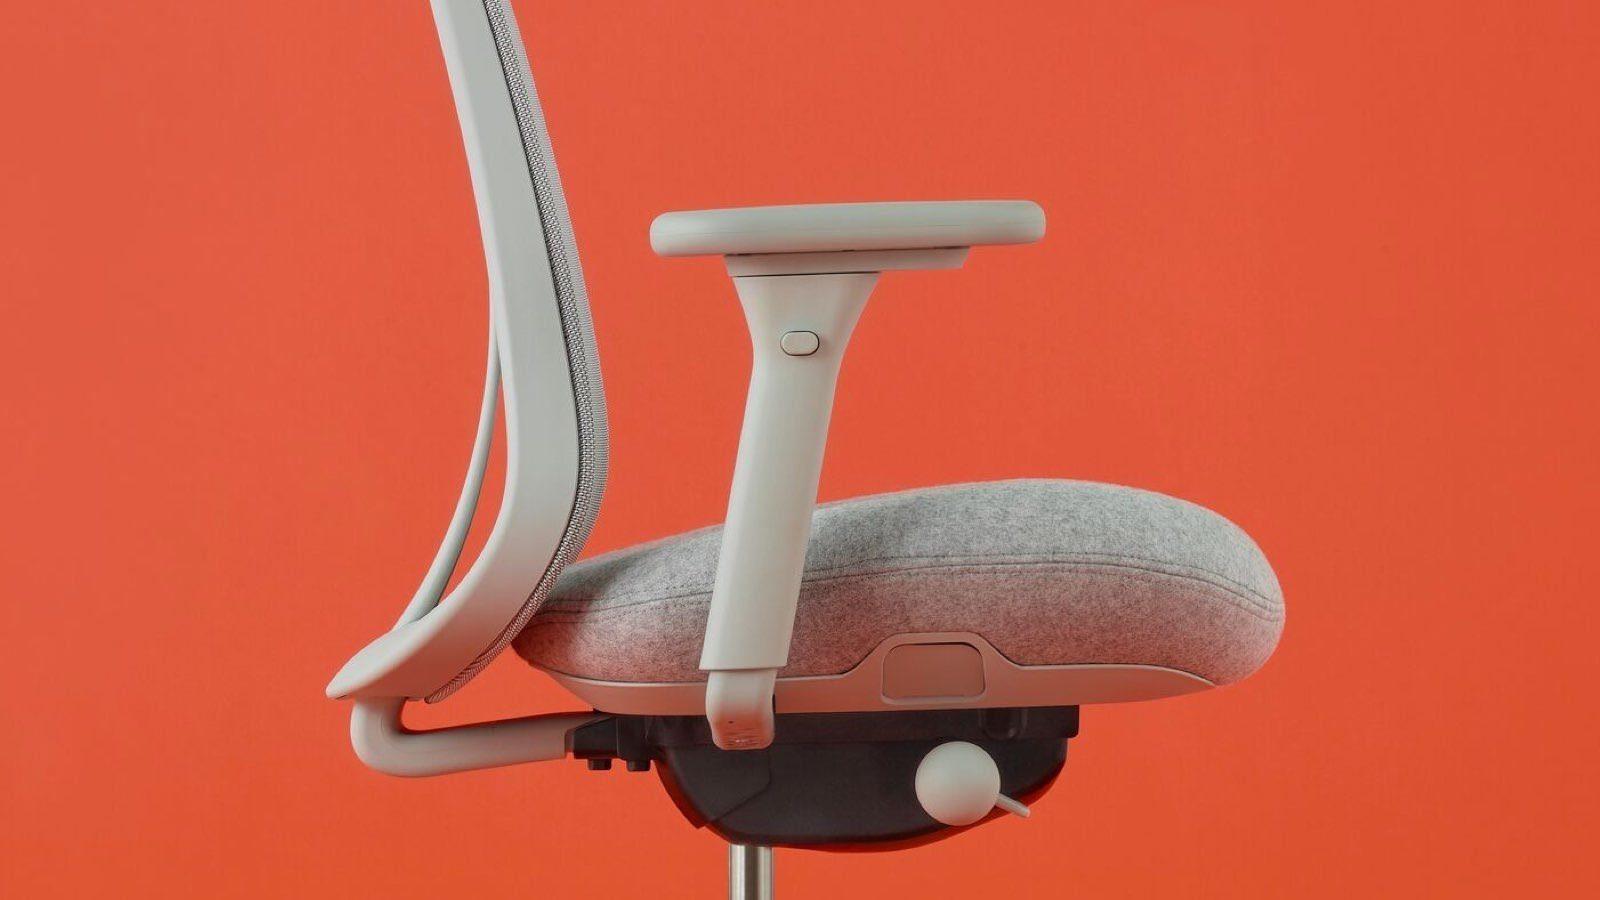 herman miller verus chair side detail